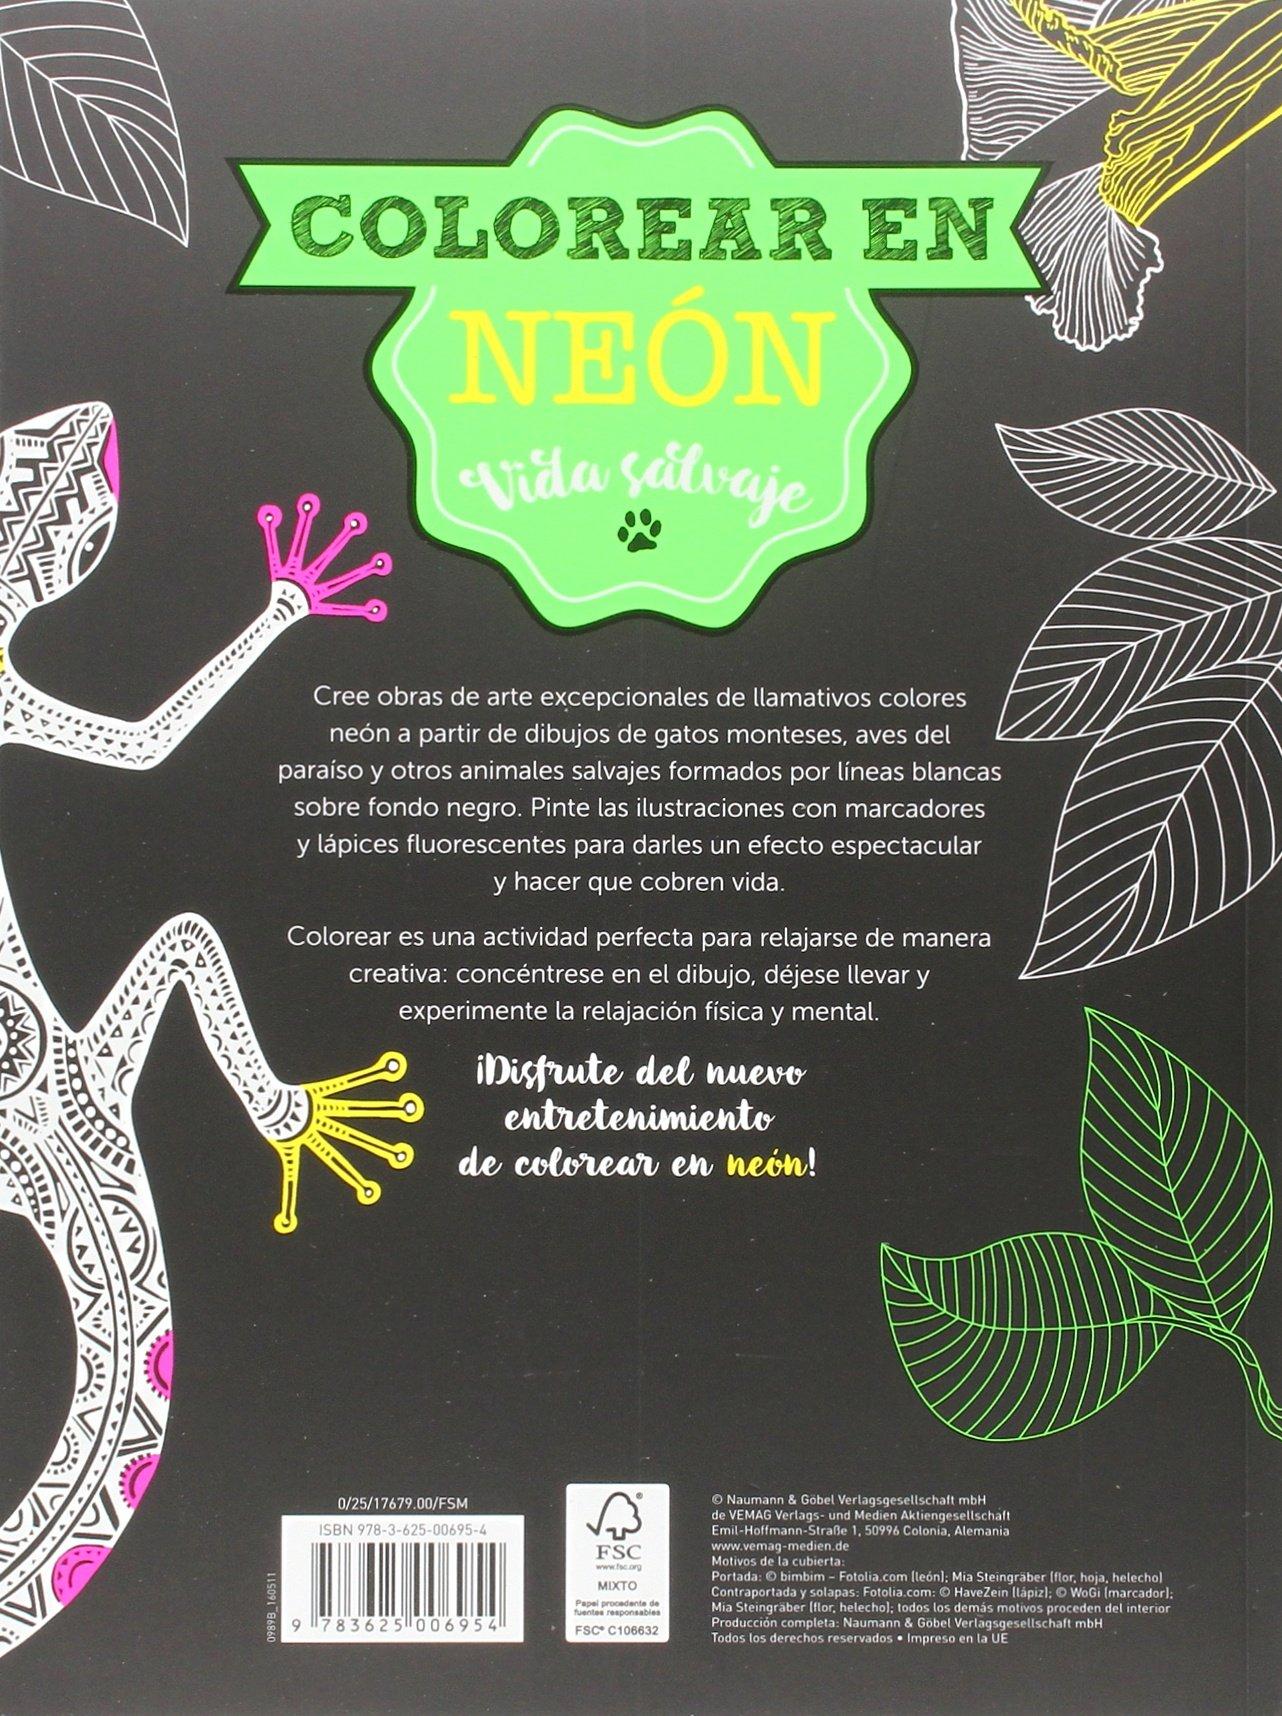 Vida Salvaje. Colorear En Neon (Colorear en neón): Amazon.es: Vv.Aa.: Libros